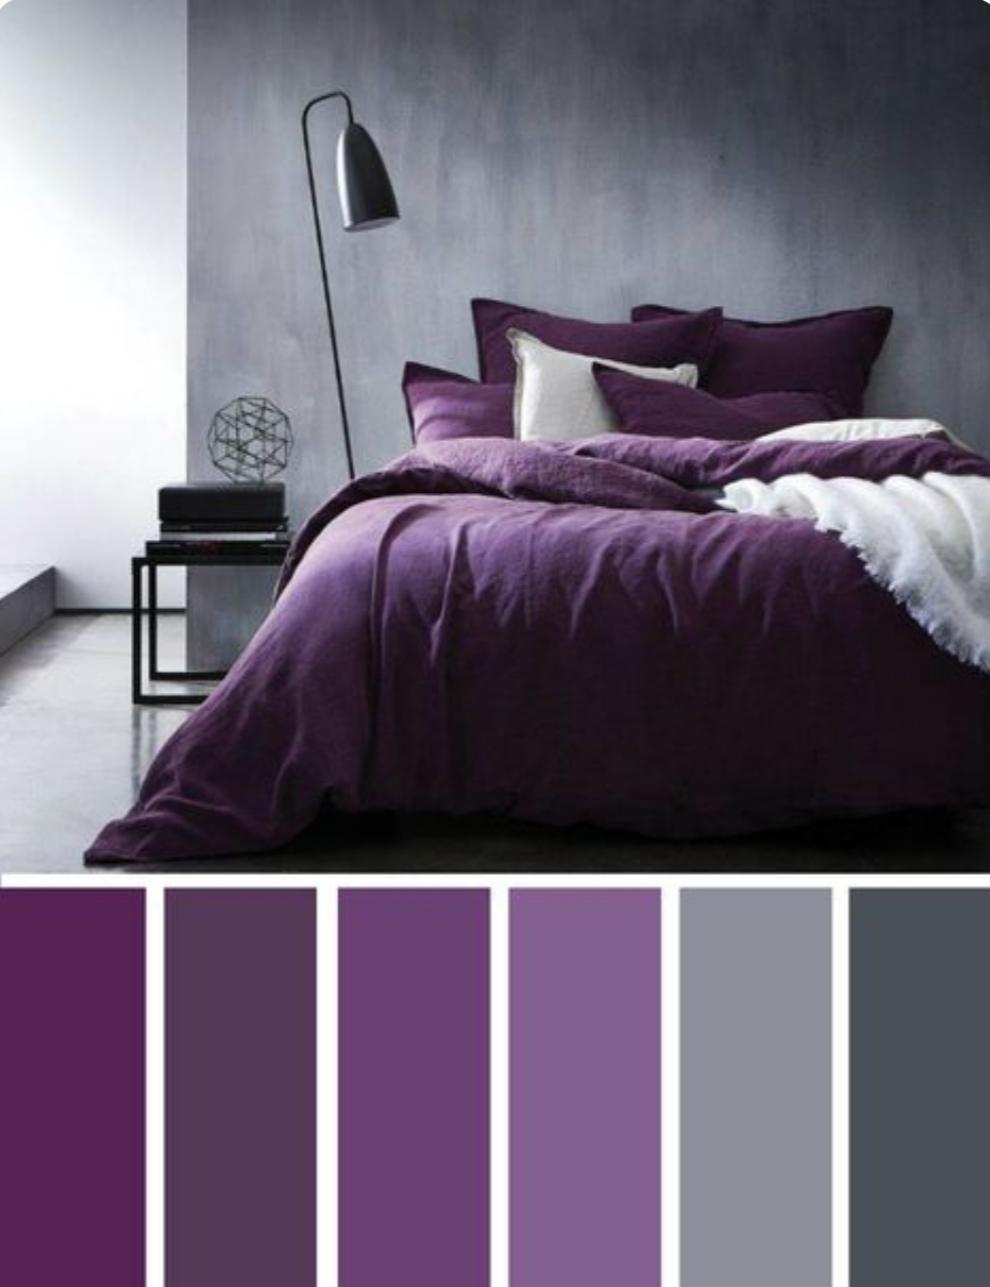 Barevné kombinace nejen do ložnice. - Obrázek č. 14